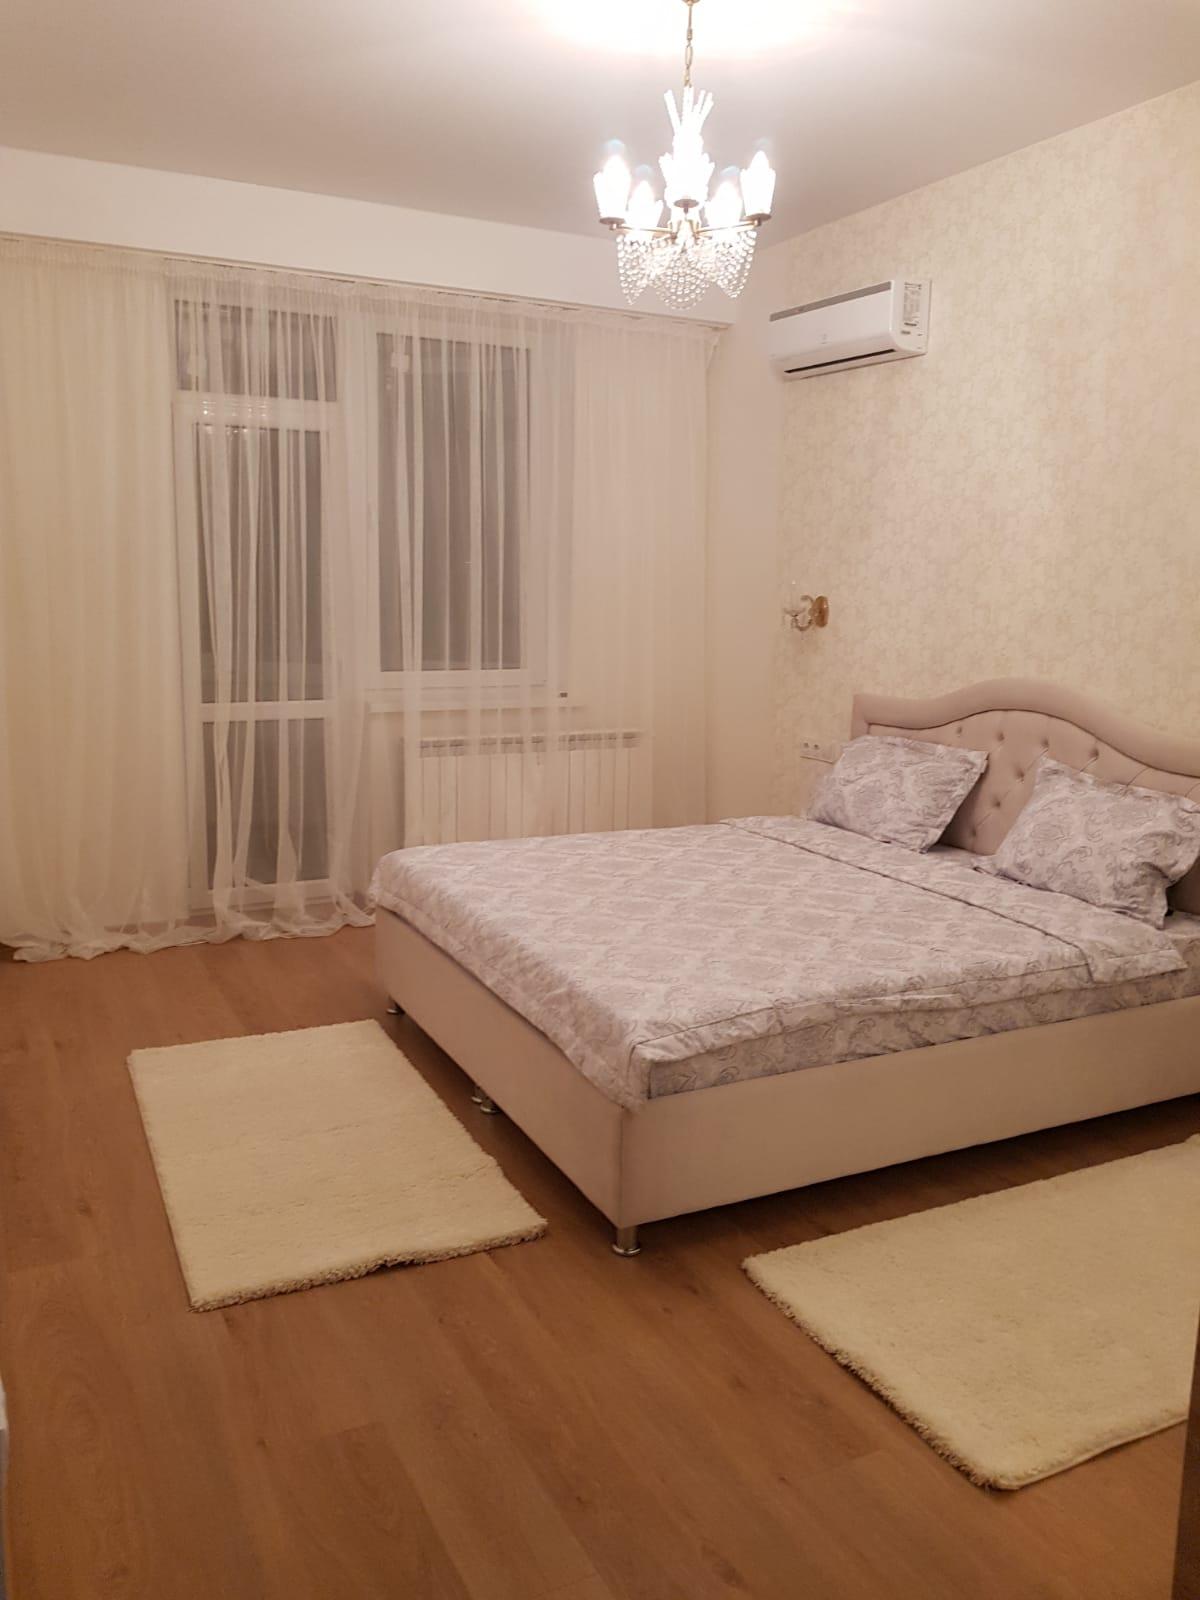 appartamento Chisinau, Moldova di tipo monolocale